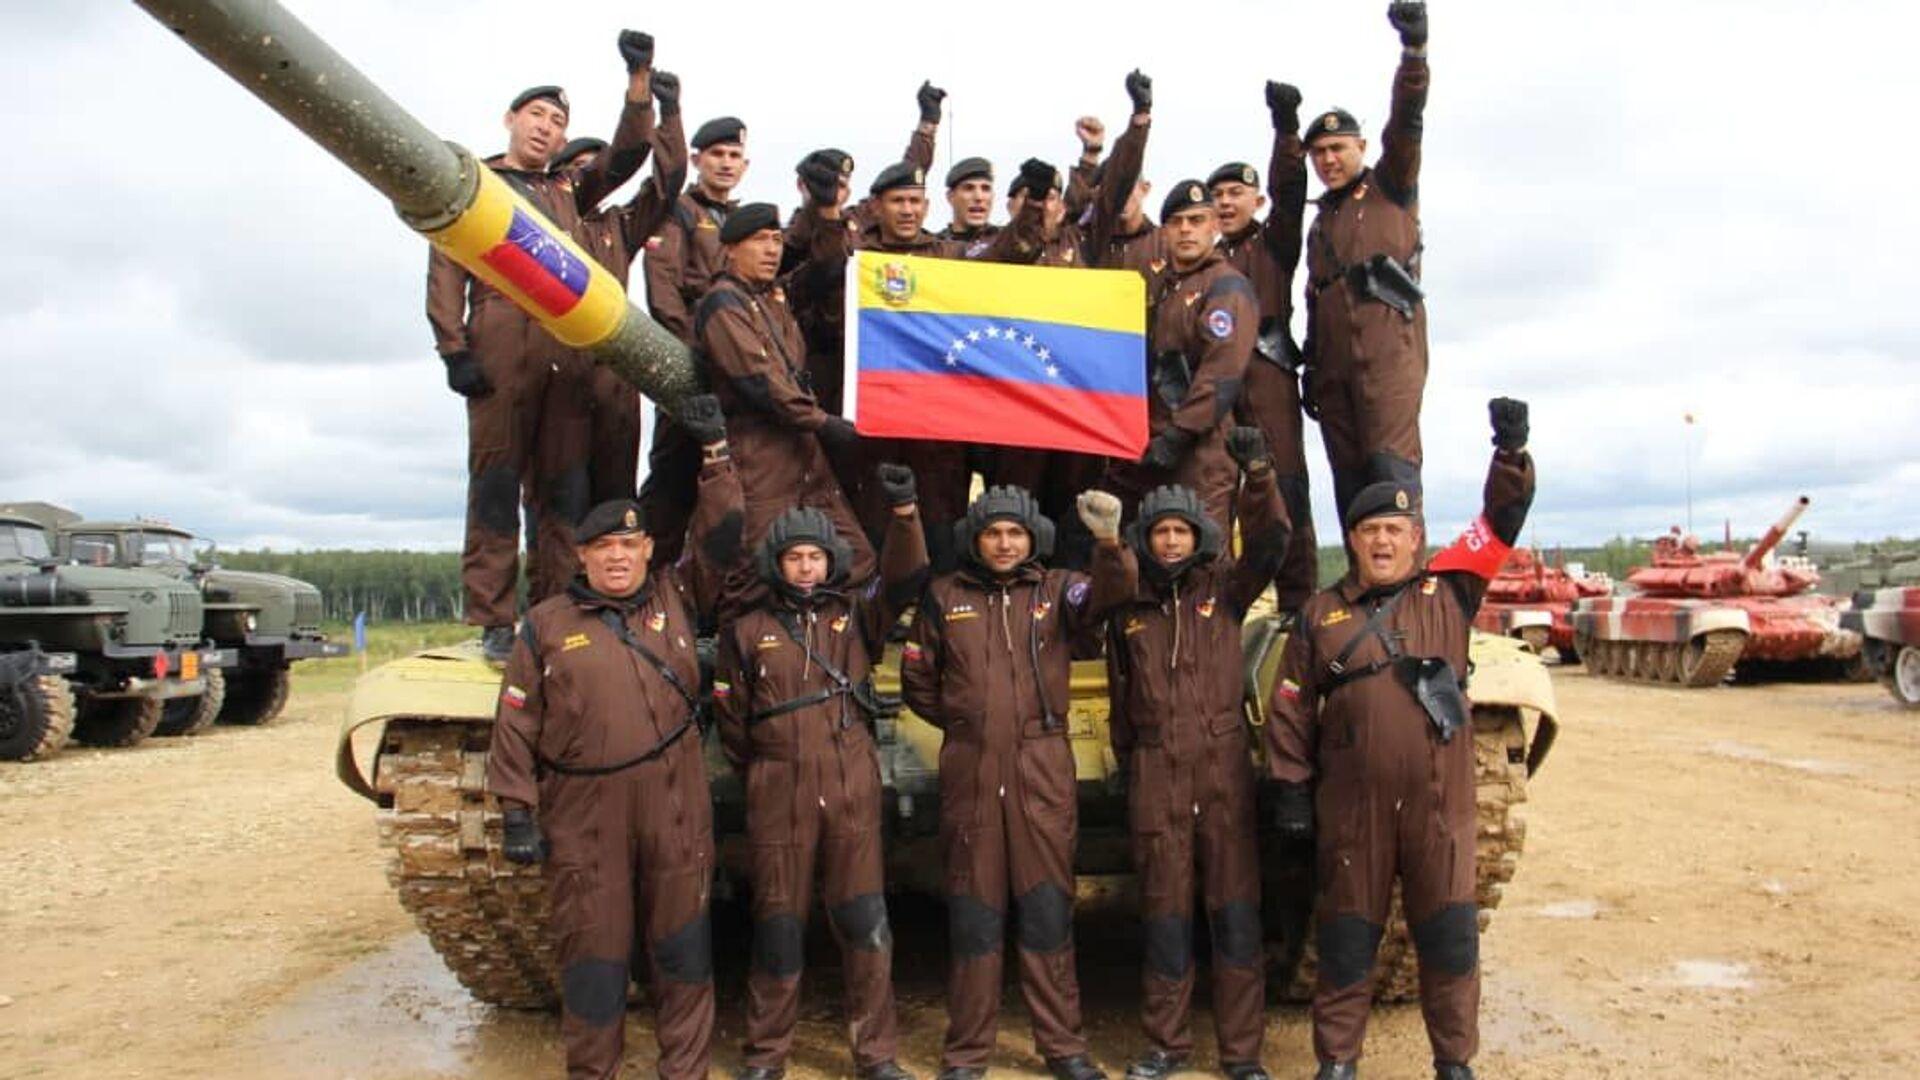 Delegación venezolana participa en el biatlón de tanques en los Juegos Militares Internacionales Army 2019  - Sputnik Mundo, 1920, 24.06.2021